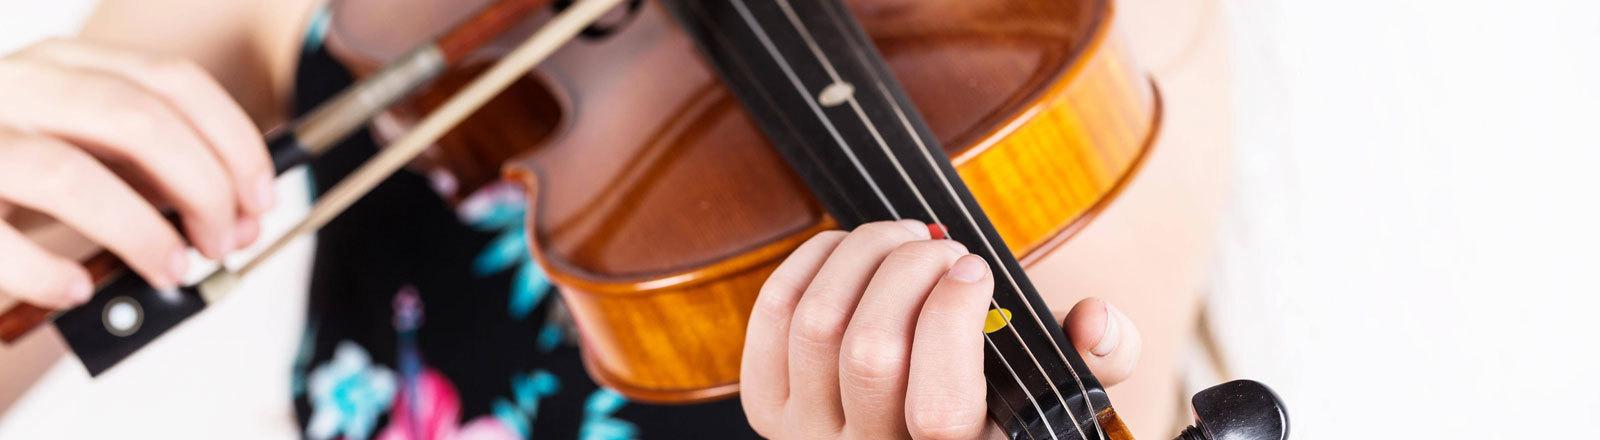 Ein junges Mädchen spielt Geige.